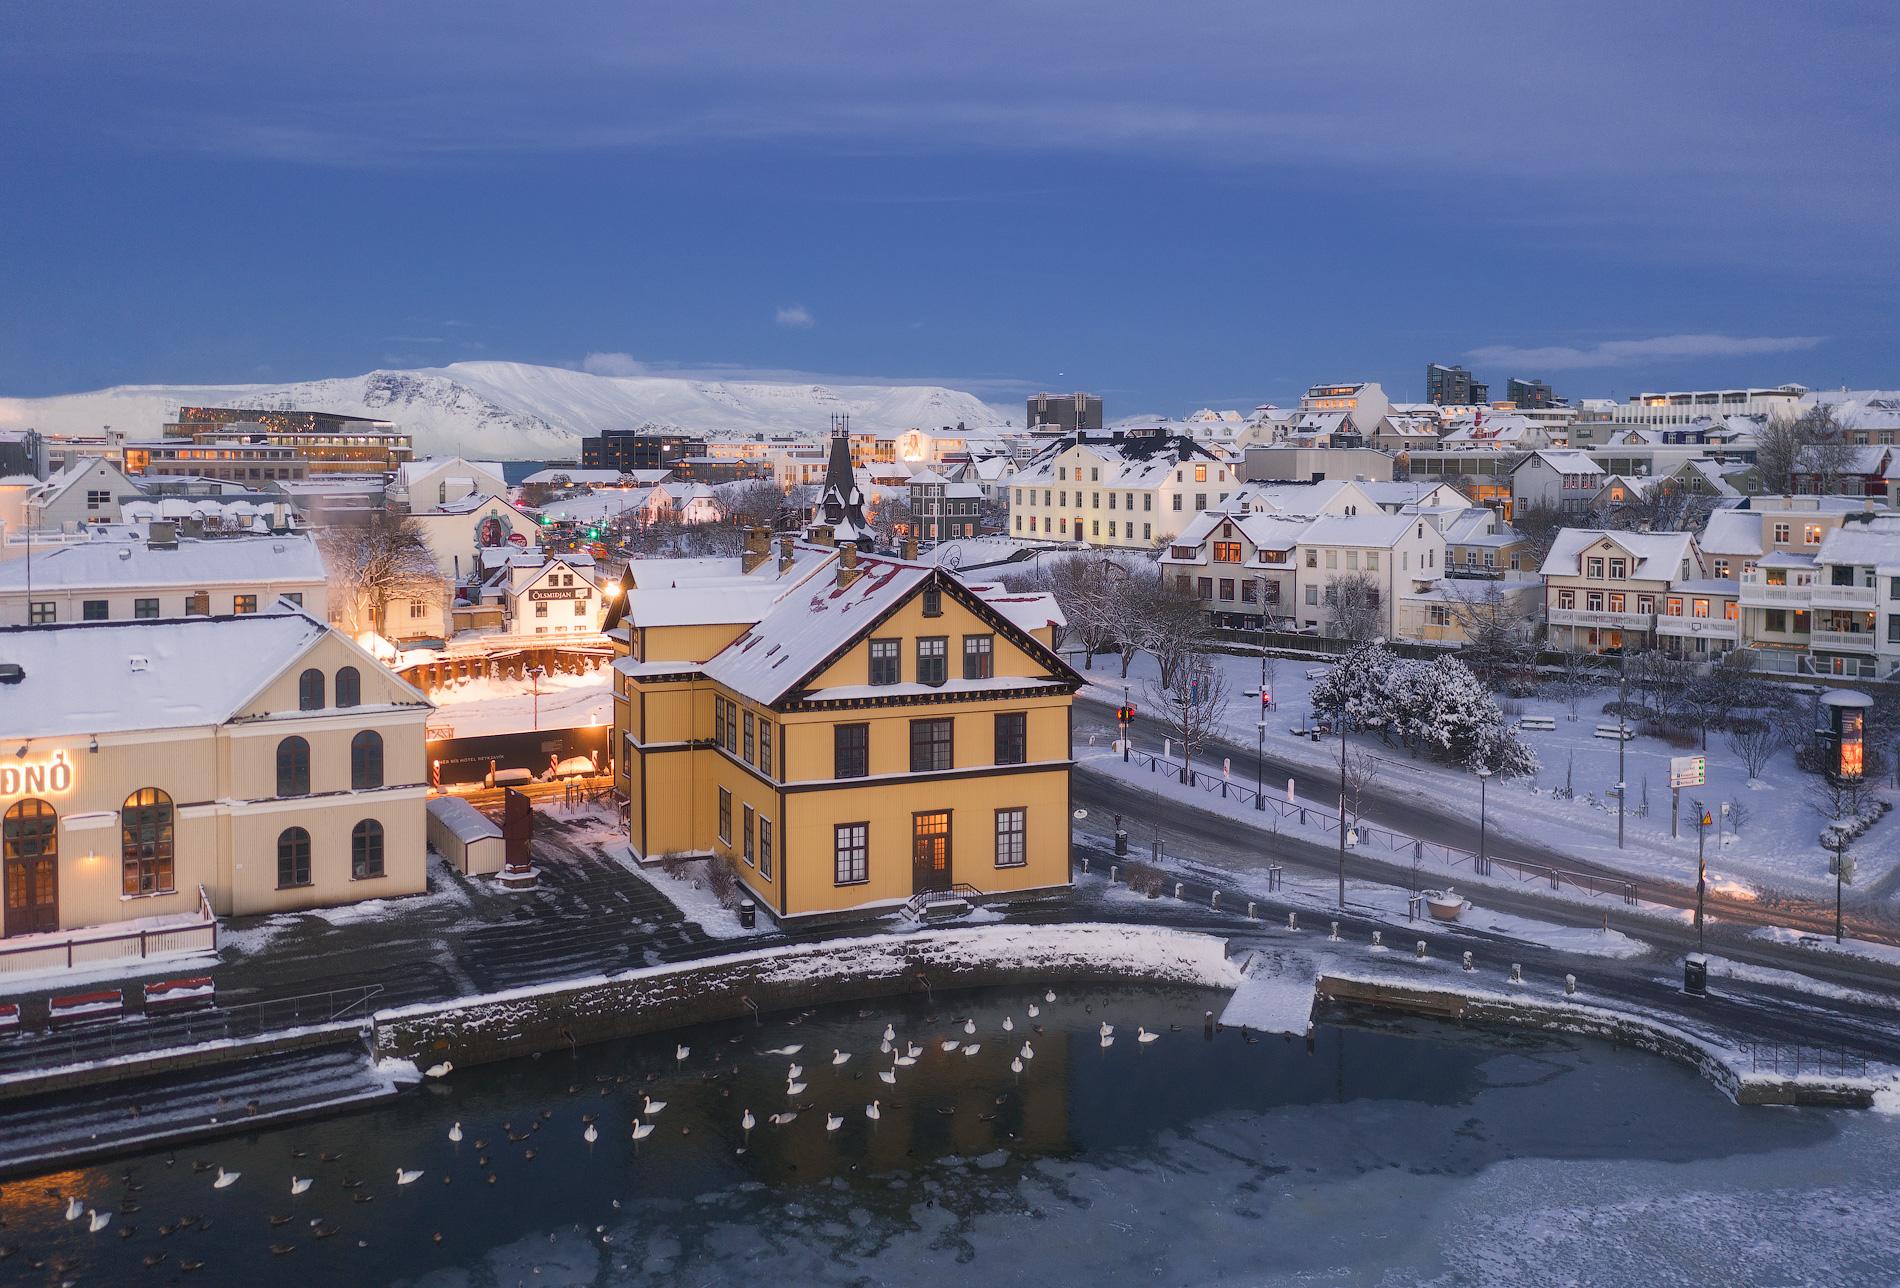 11 Day Northern Lights Photo Workshop around Iceland - day 11